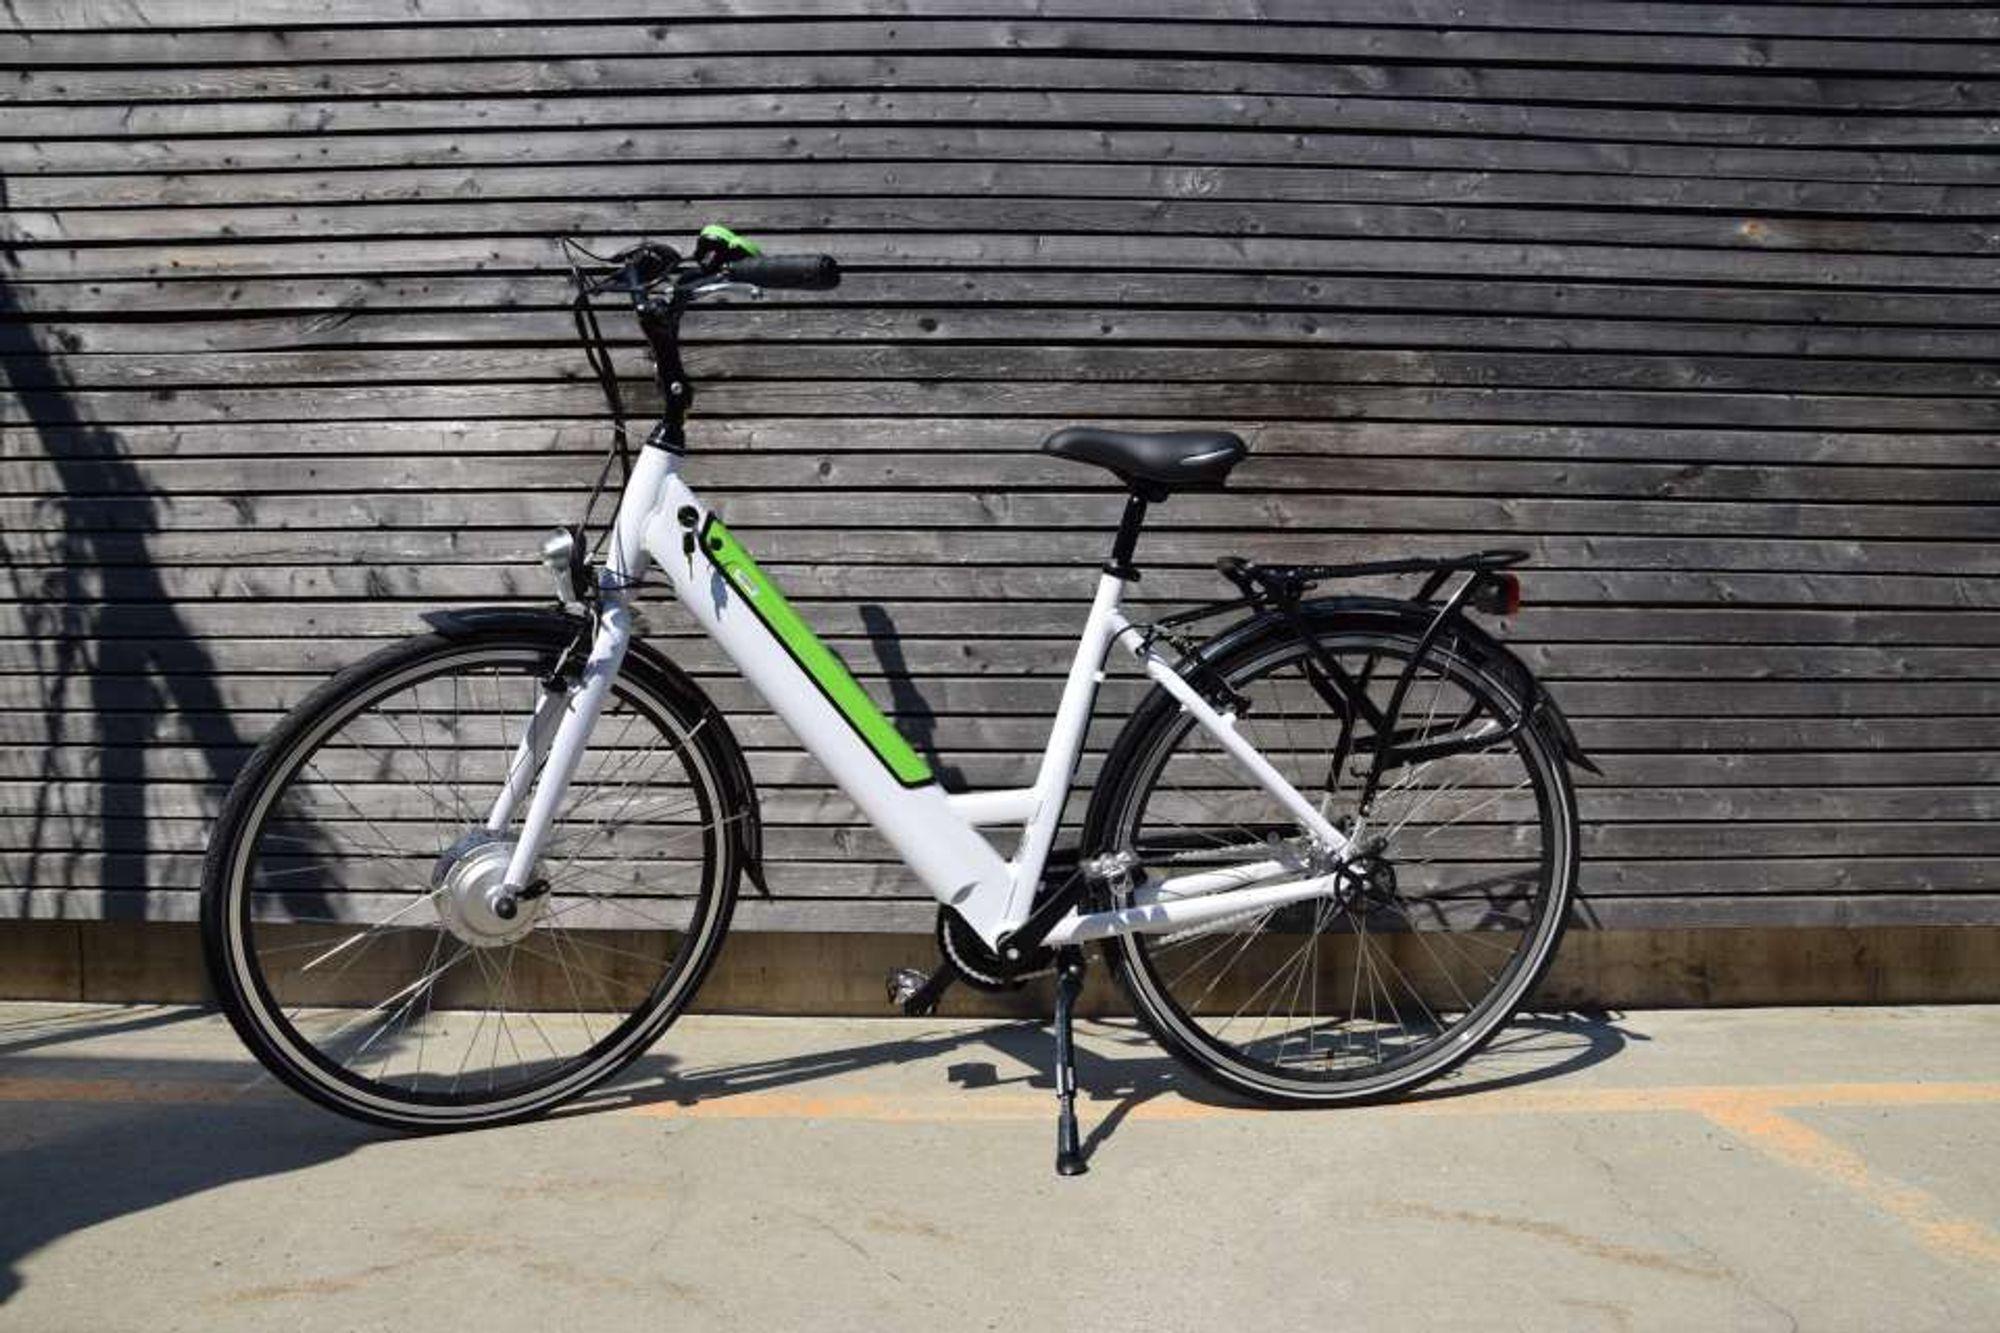 ikea satser p rimelige el sykler. Black Bedroom Furniture Sets. Home Design Ideas